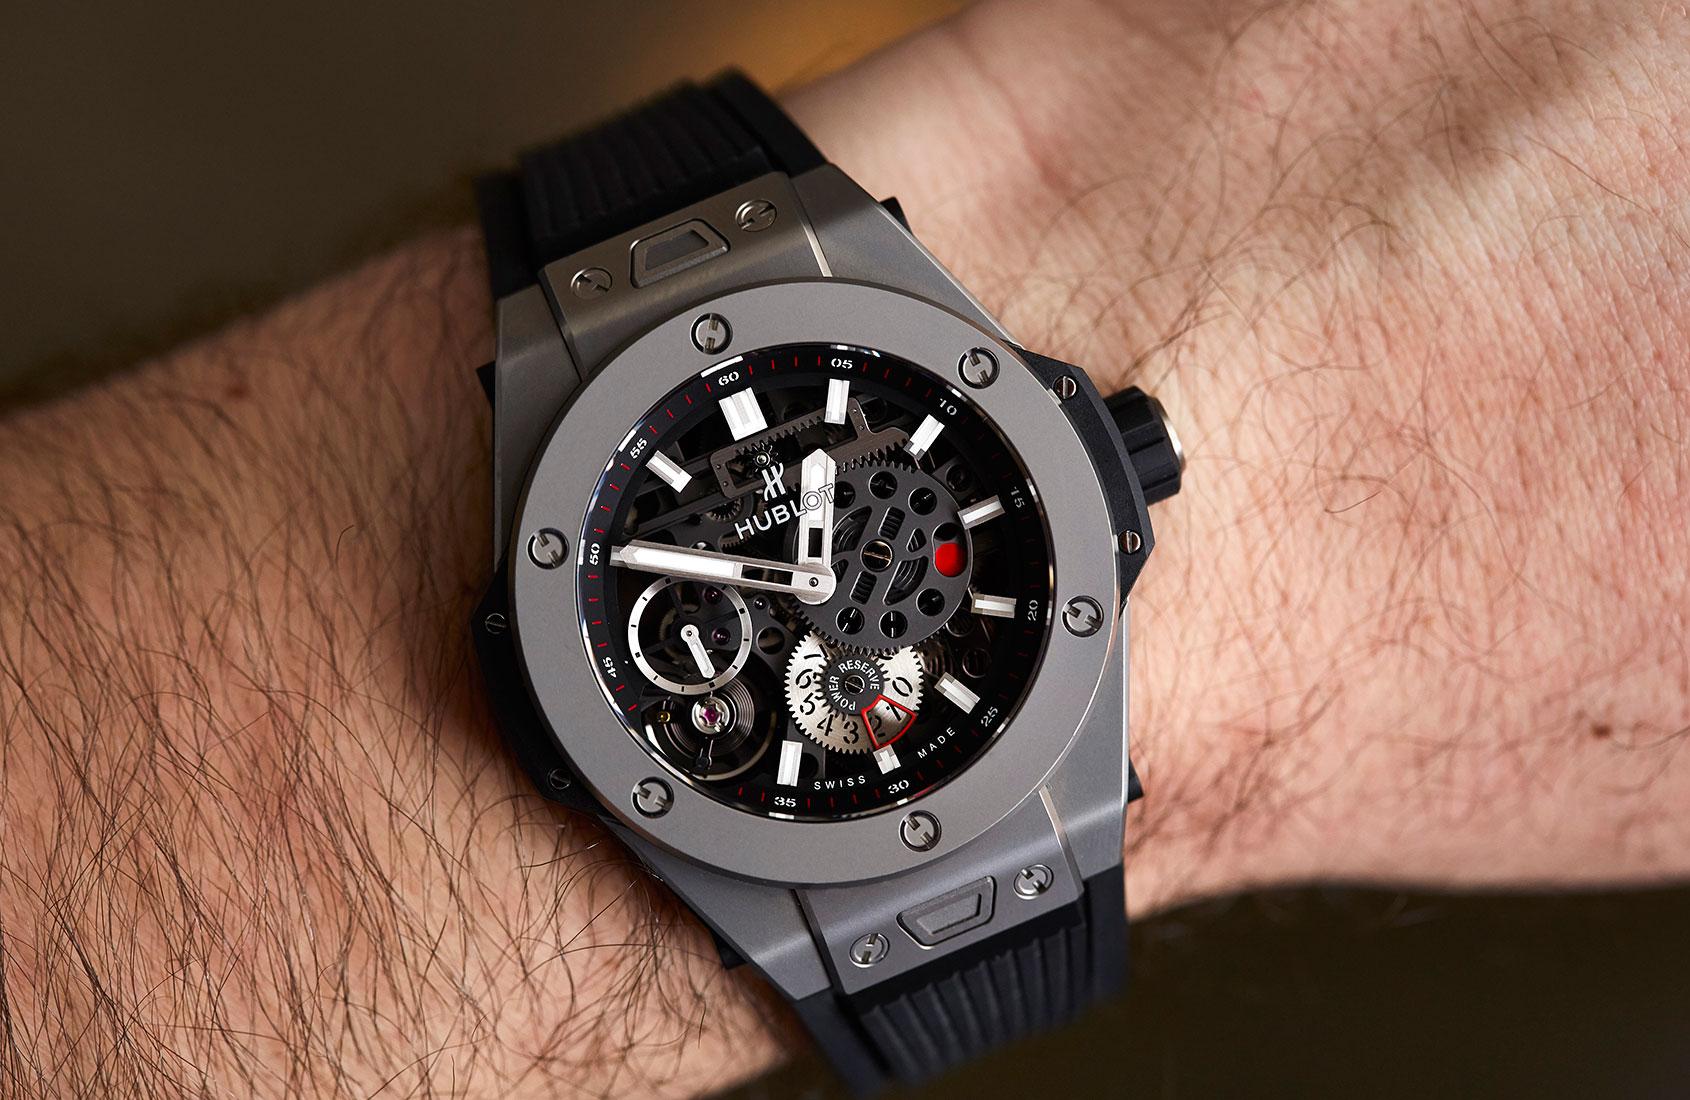 В интерпретации hublot дизайн и функционал умных часов привязан к чемпионату мира по футболу года.